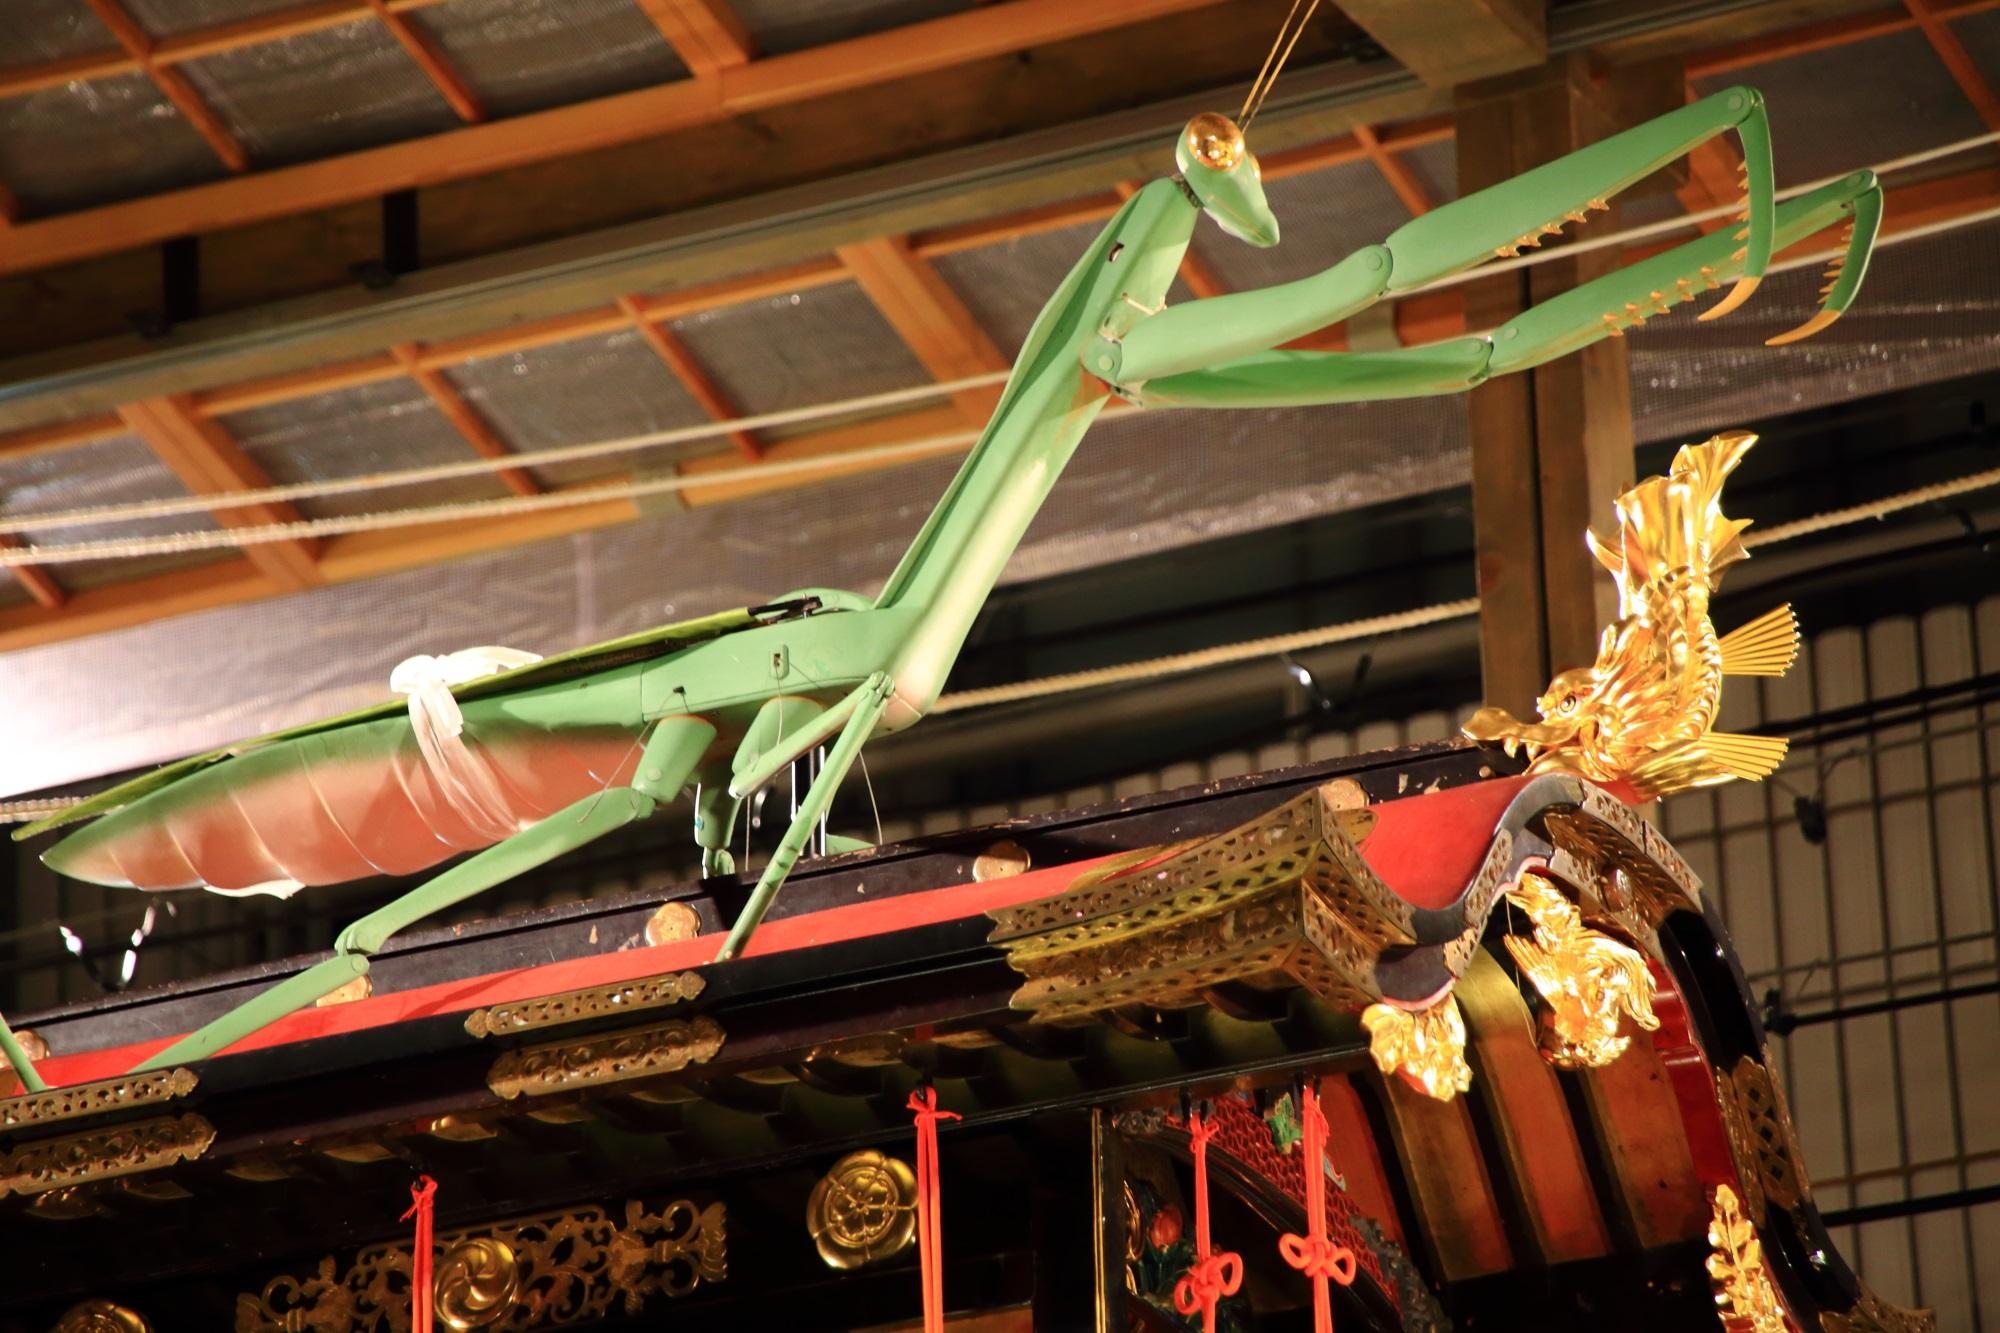 カマキリ 祇園祭 宵山 人気 蟷螂山